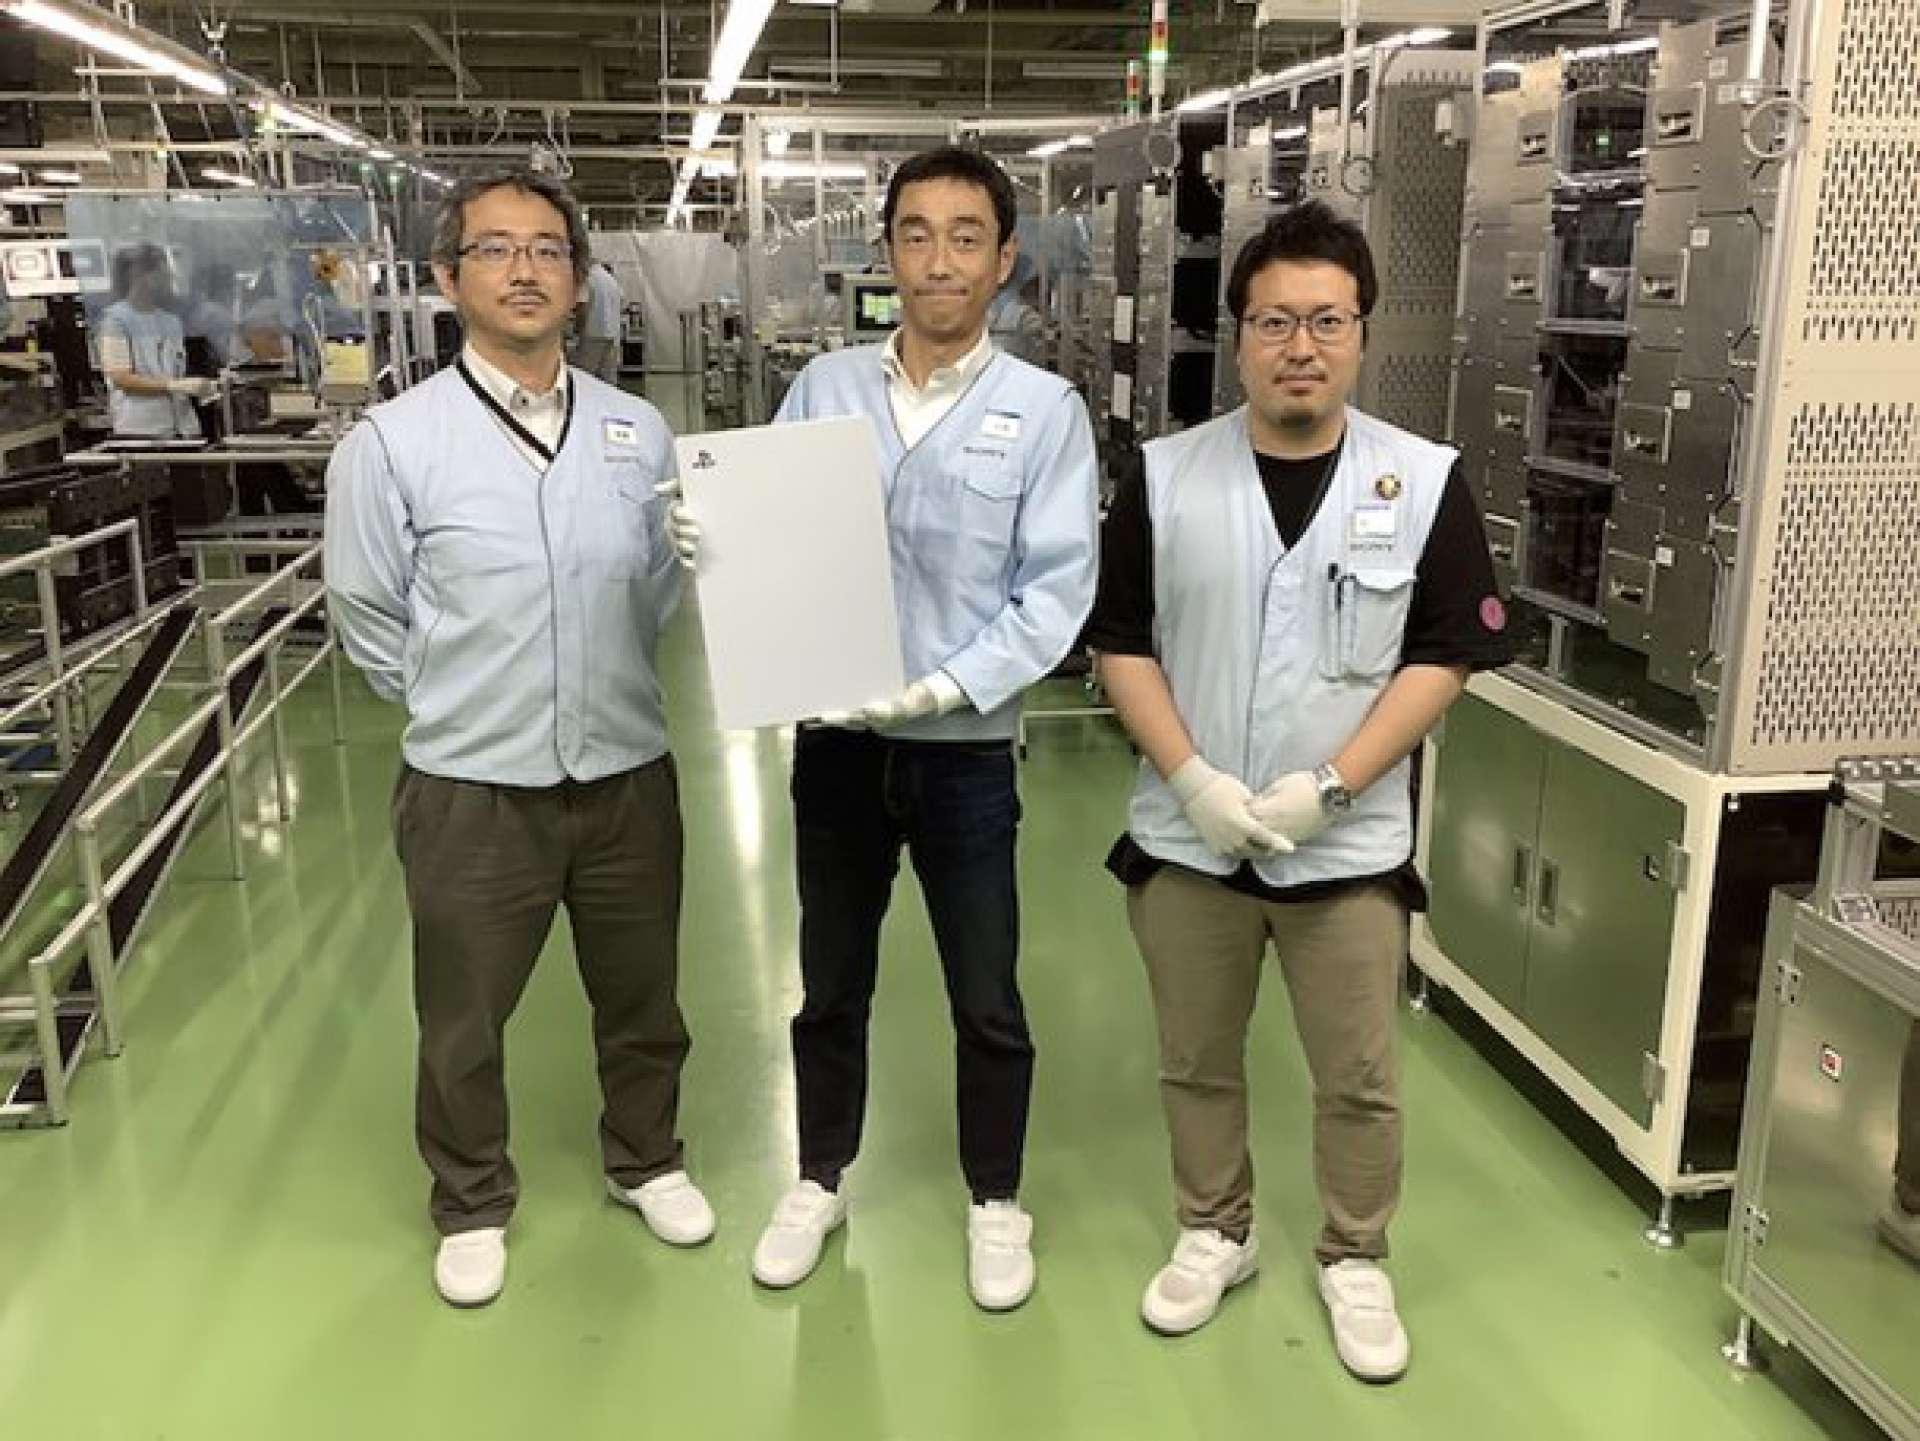 Imagem teria sido tirada na fábrica em que o console está sendo produzido